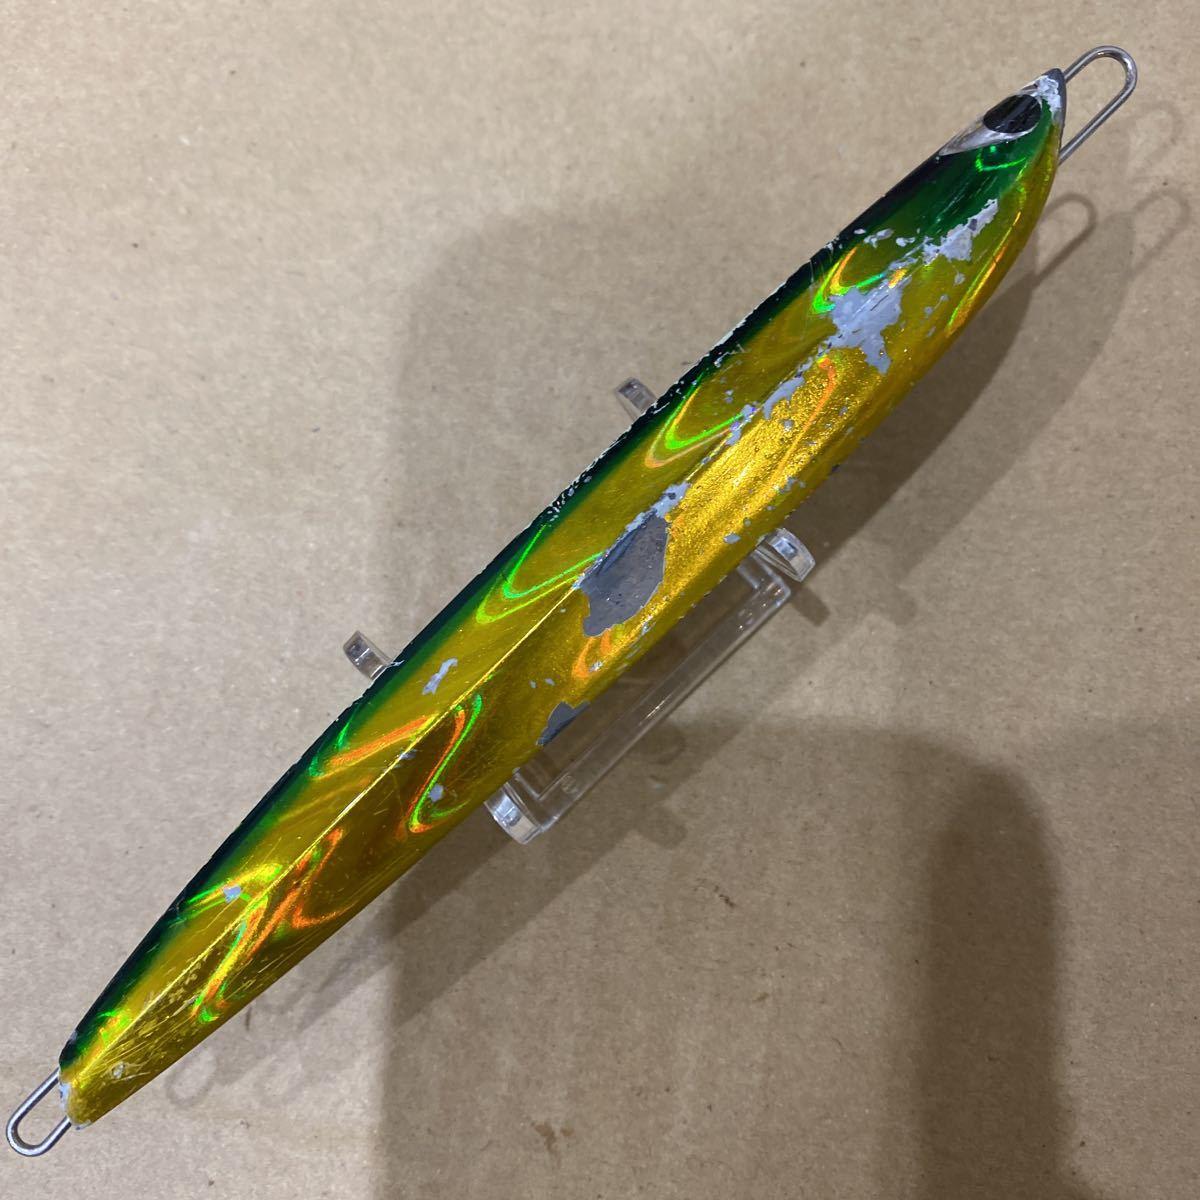 CB ONE シービーワン ゼロワン セミロング 140 ZERO1 SEMILONG 人気色 R6 メタルジグ ジギング ソルト ルアー 同梱可_画像4